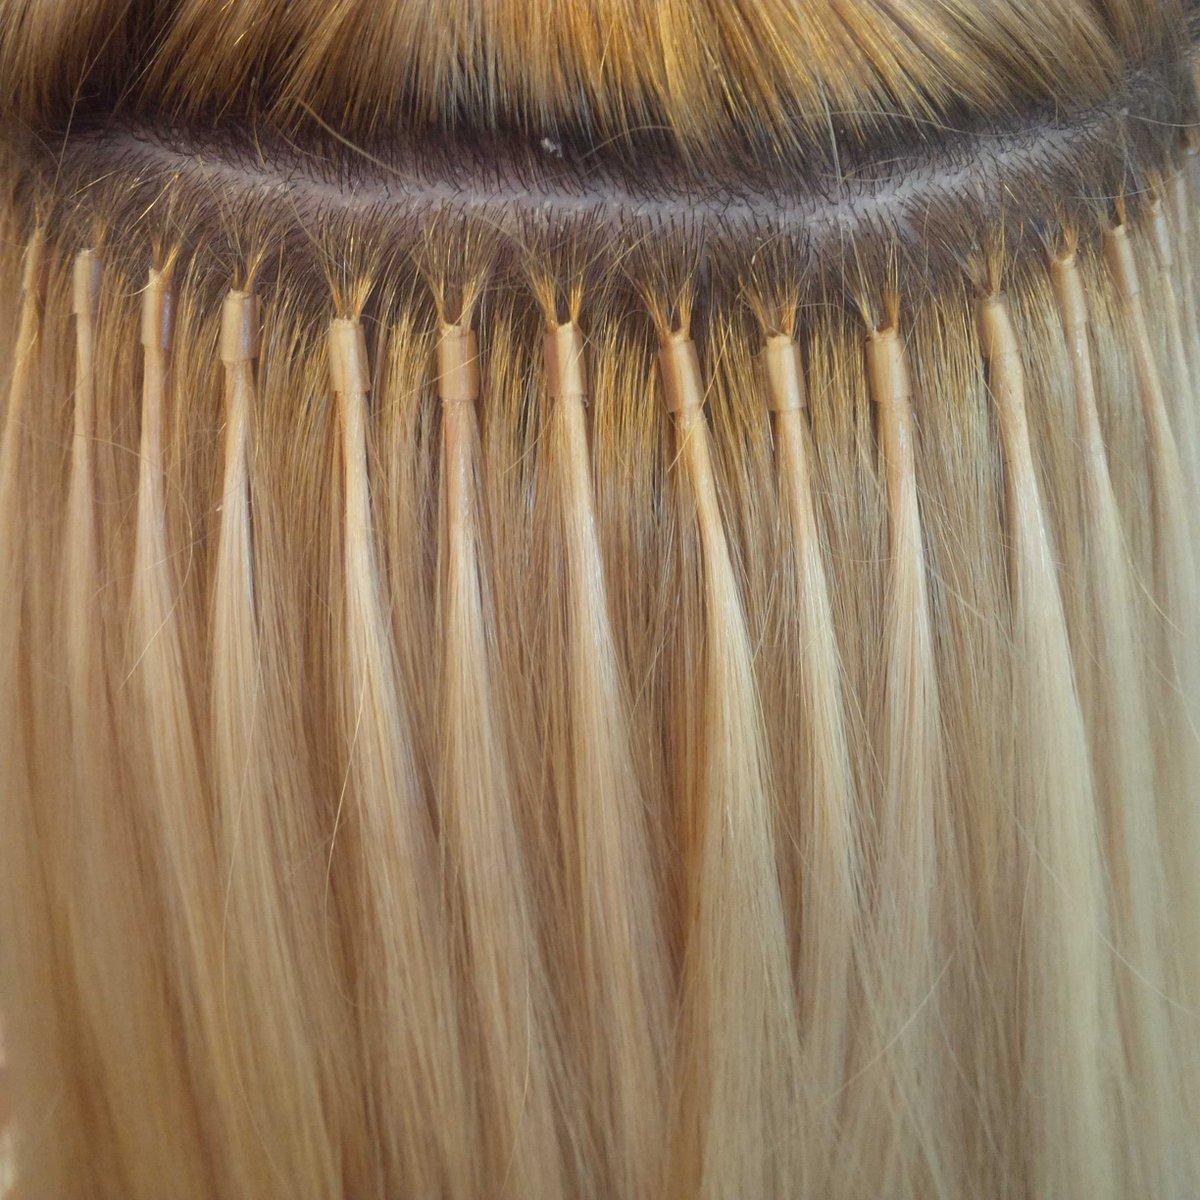 Hair Extensions By Amanda Ltd On Twitter Shrink Links Httpt